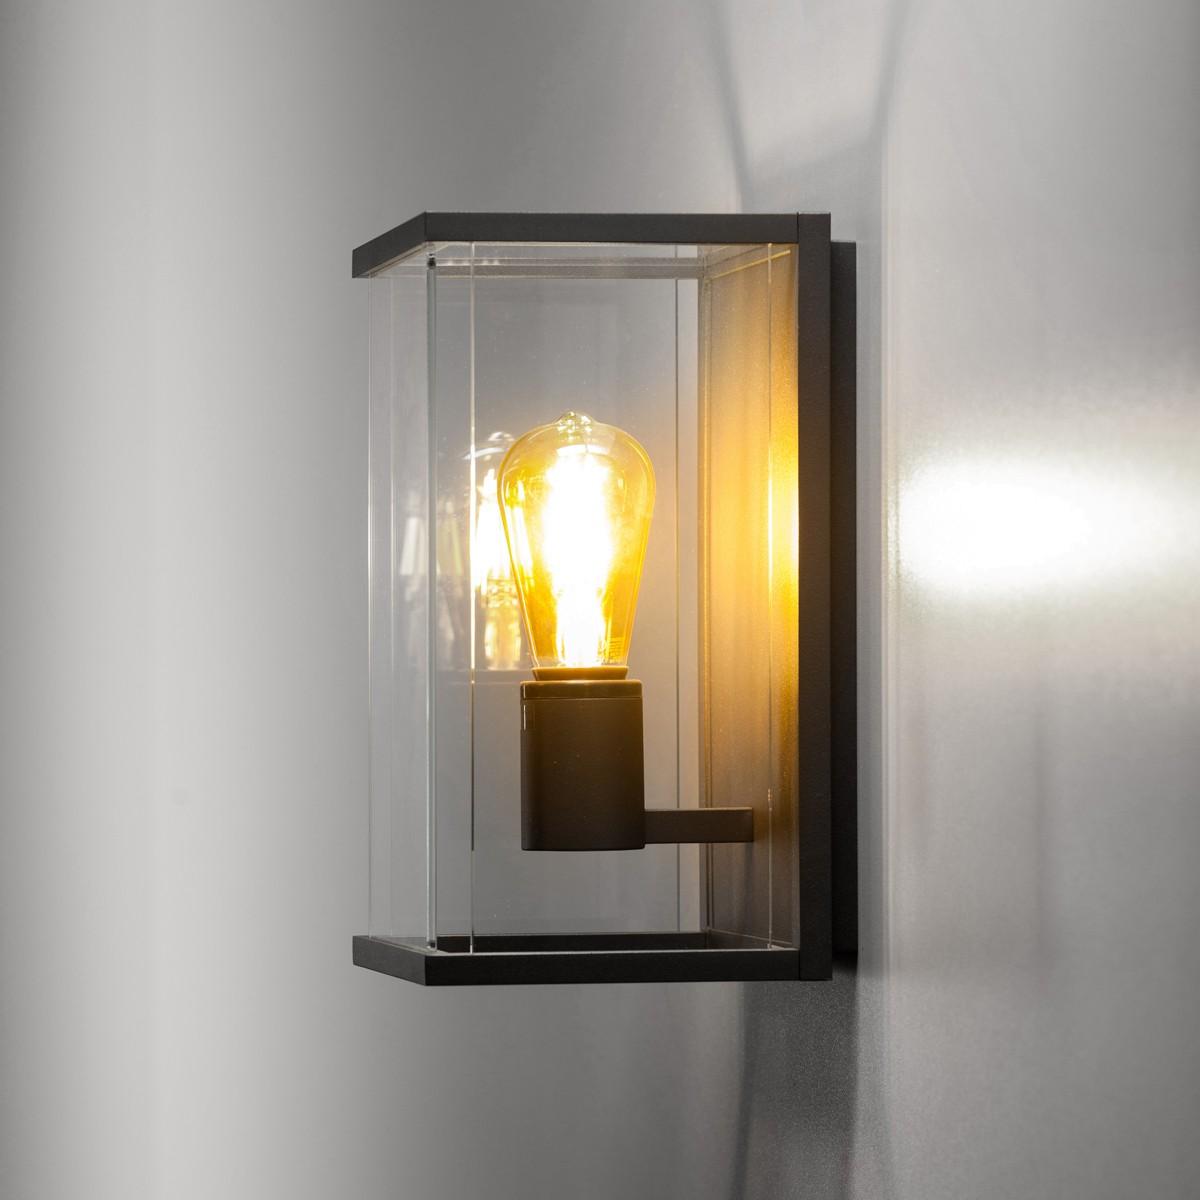 Lupia Licht Vetro W Außenwandleuchte, 1-flg., anthrazit